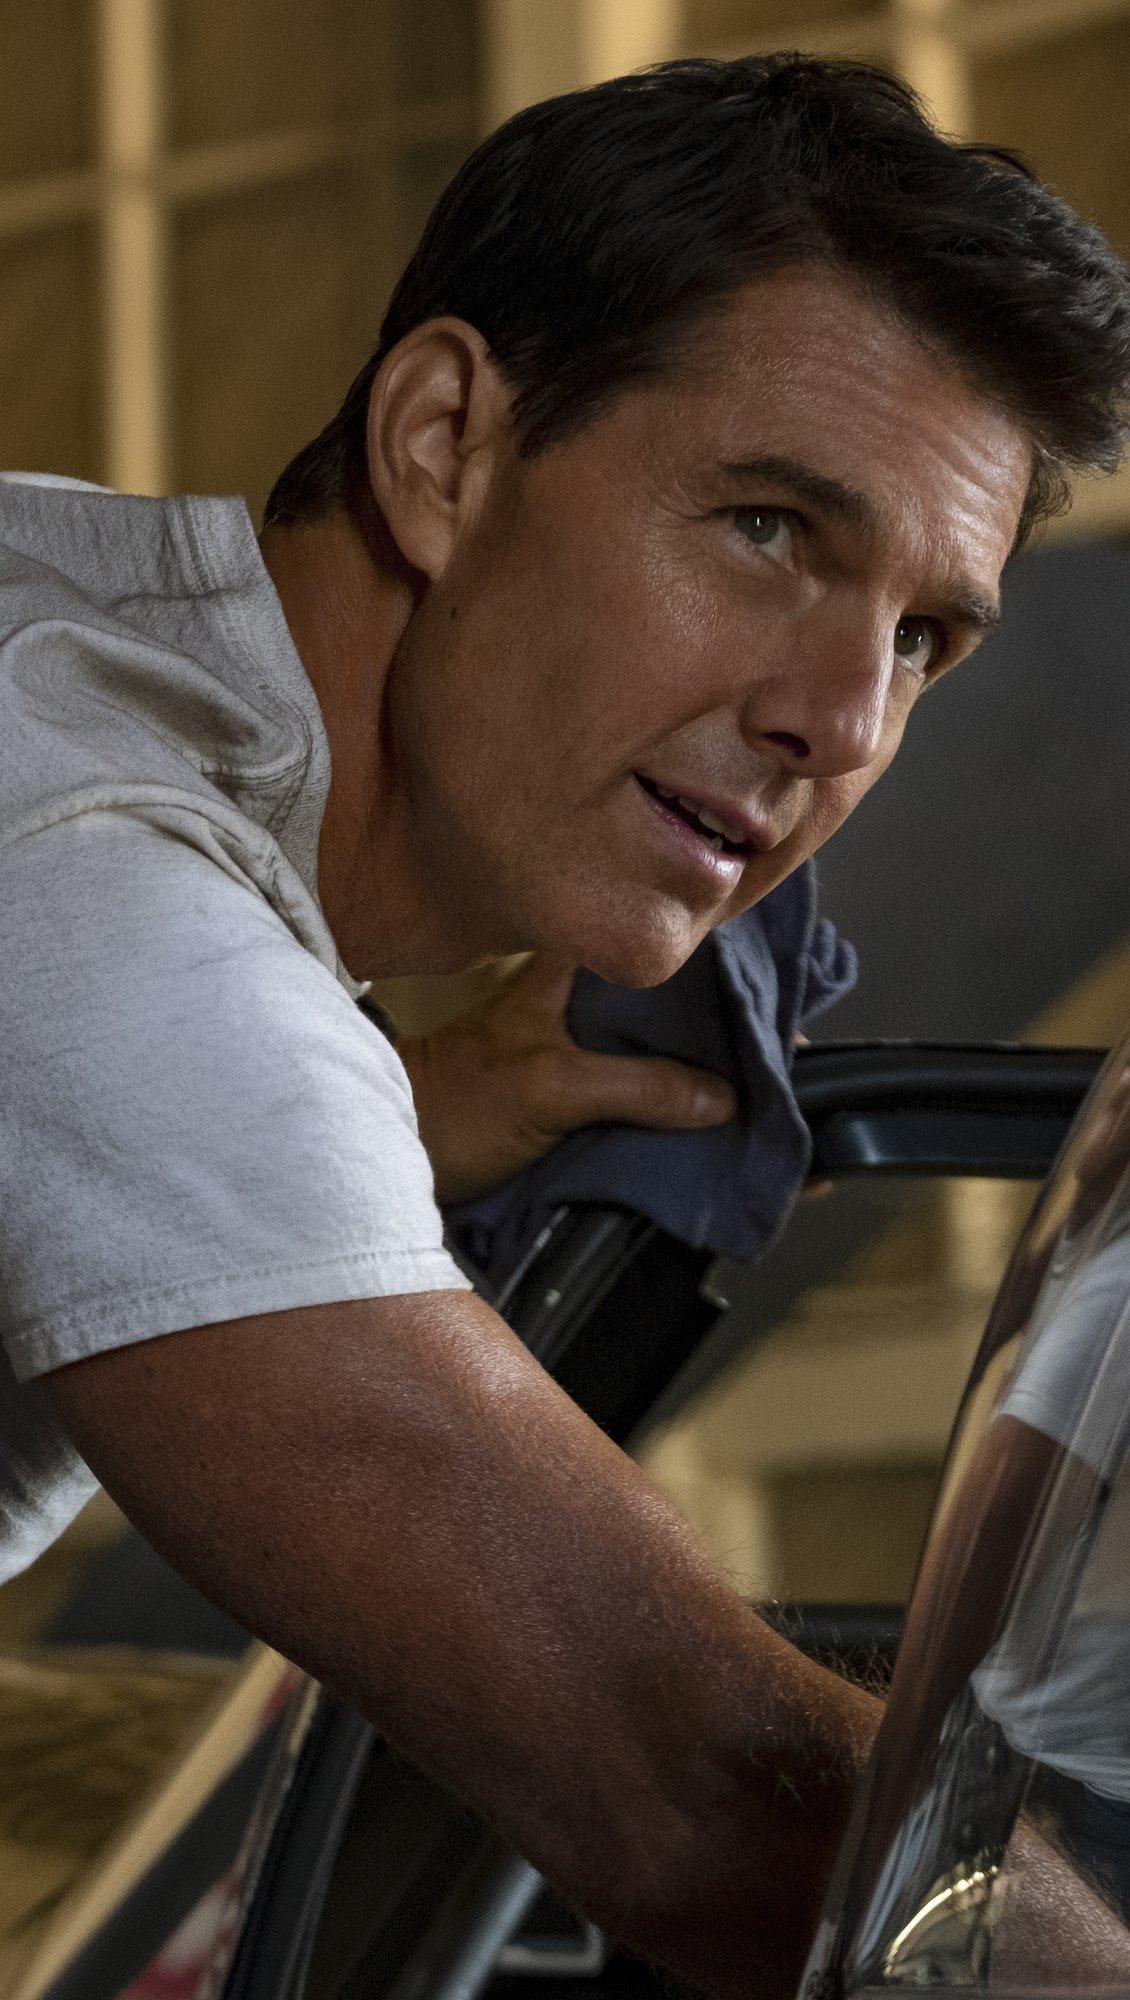 Fondos de pantalla Tom Cruise en Top Gun Maverick Vertical